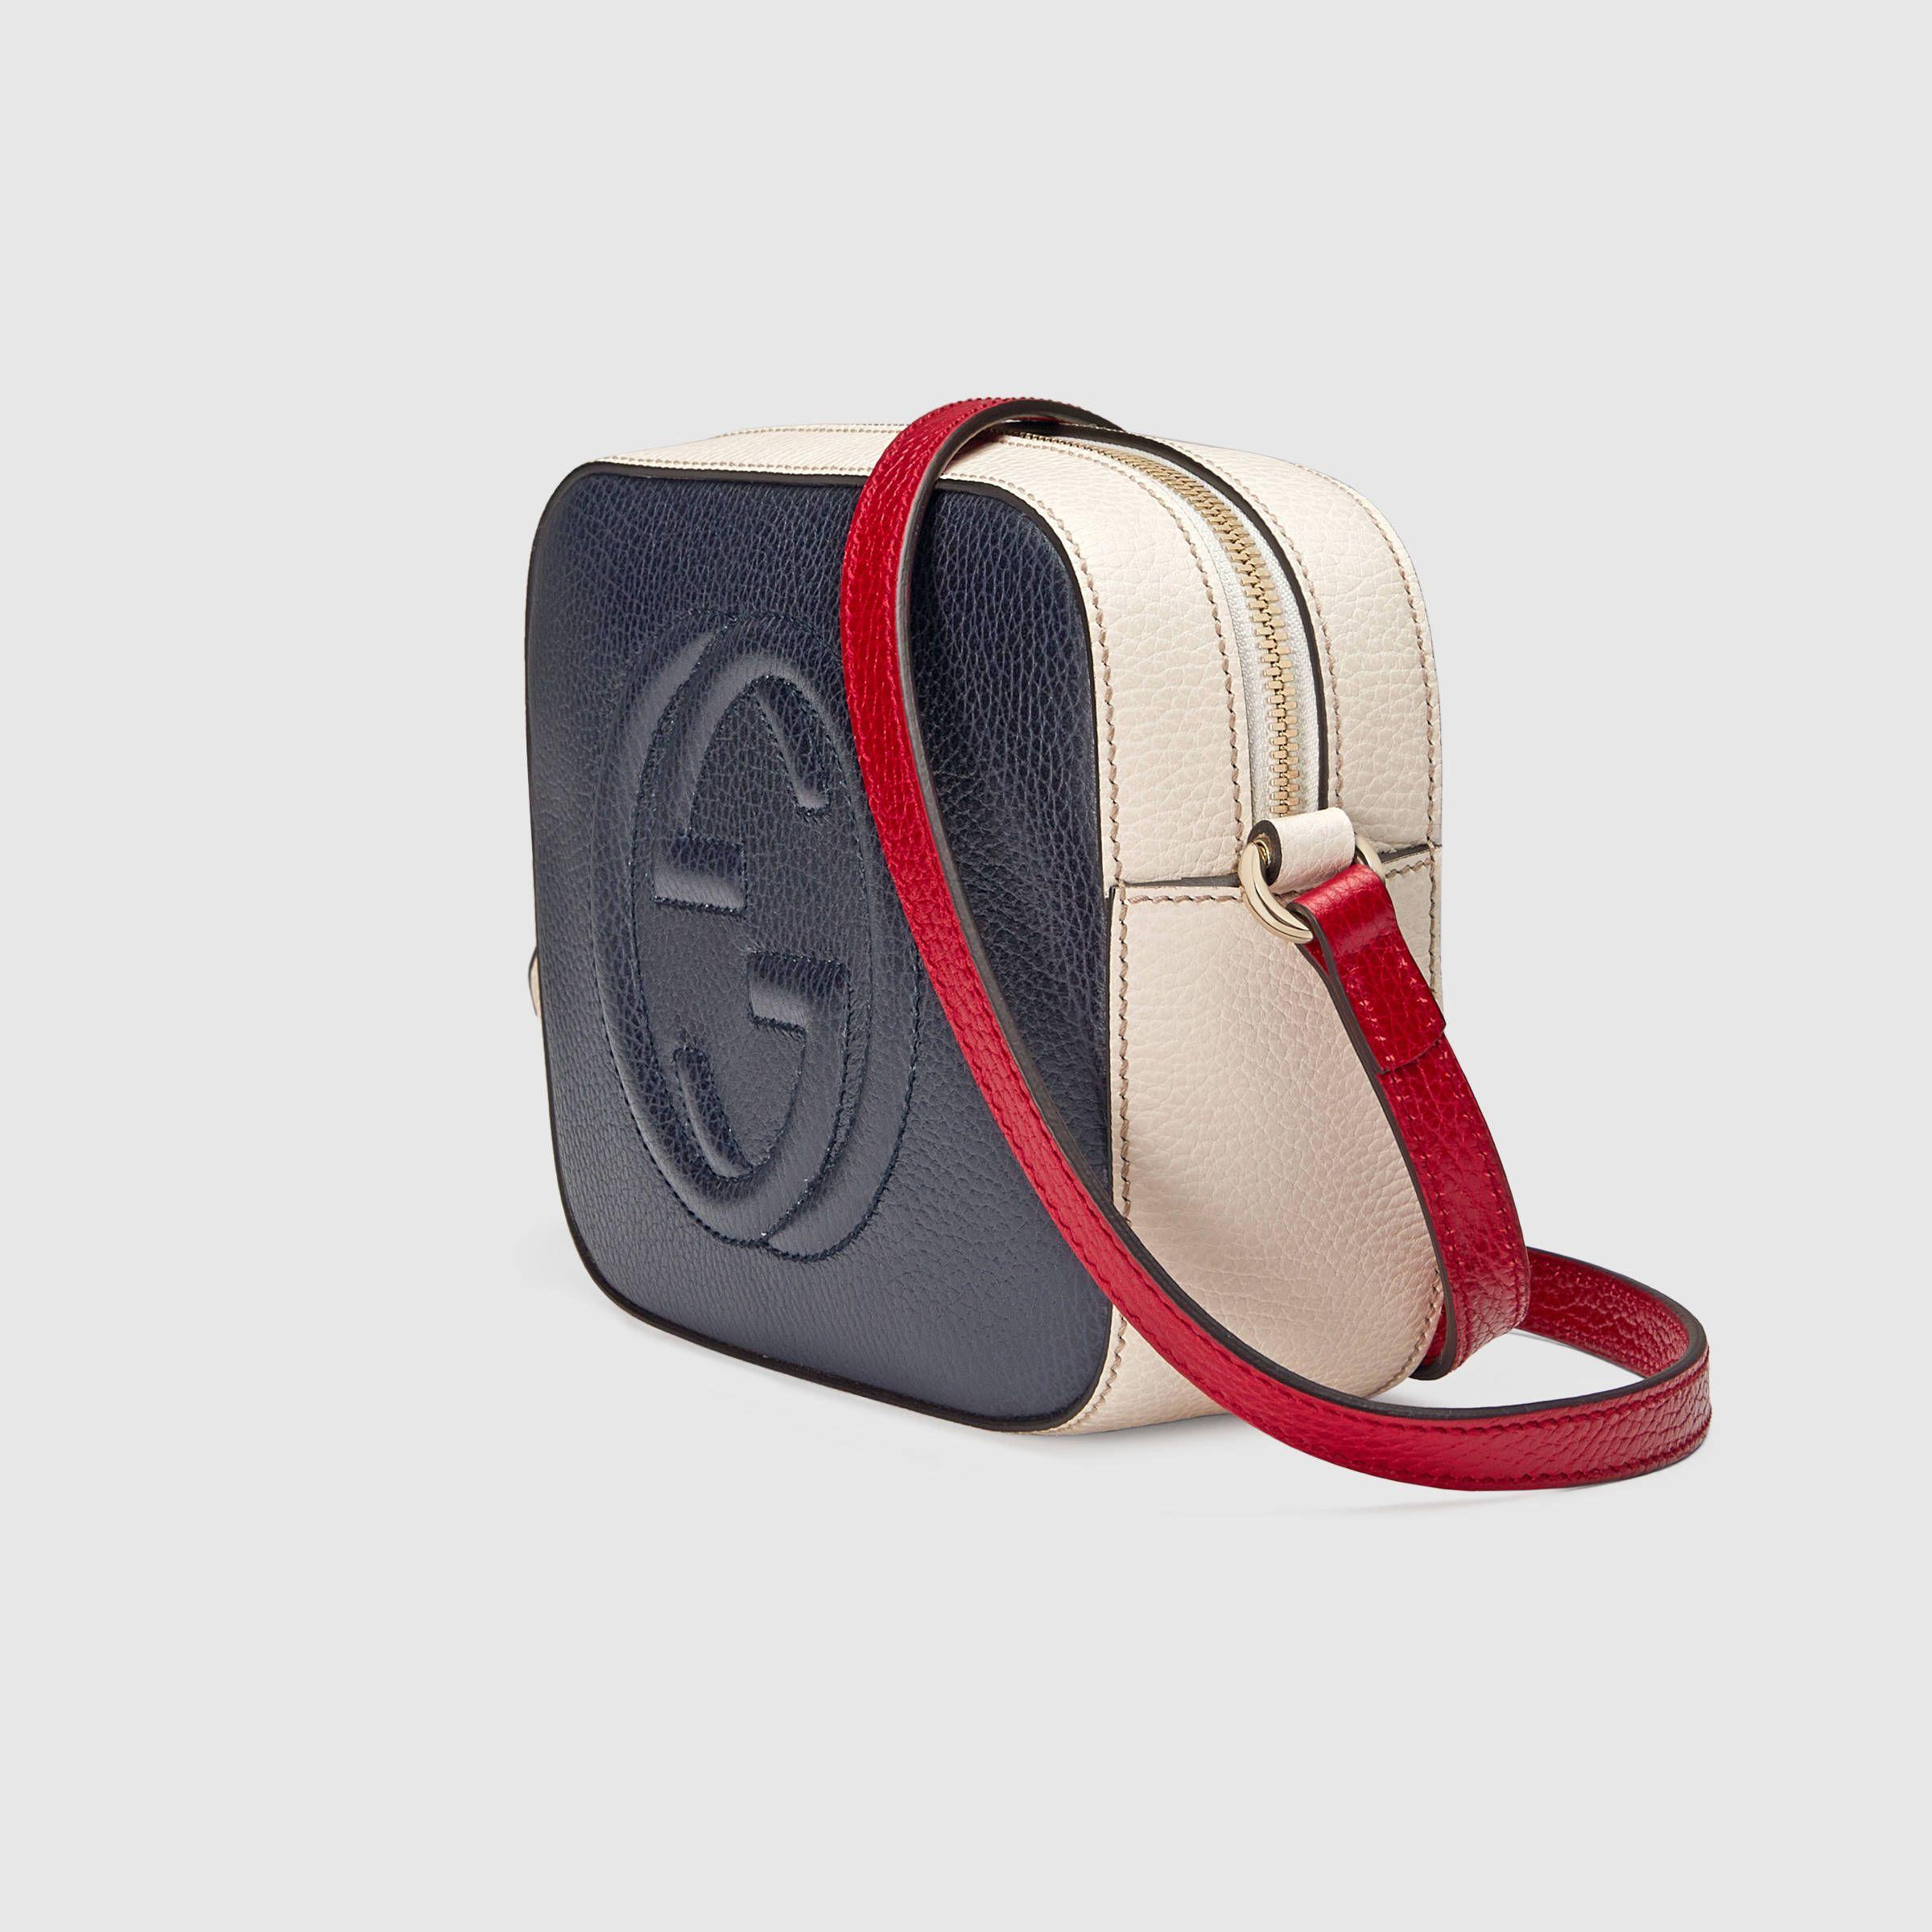 $980 GUCCI Soho leather shoulder bag